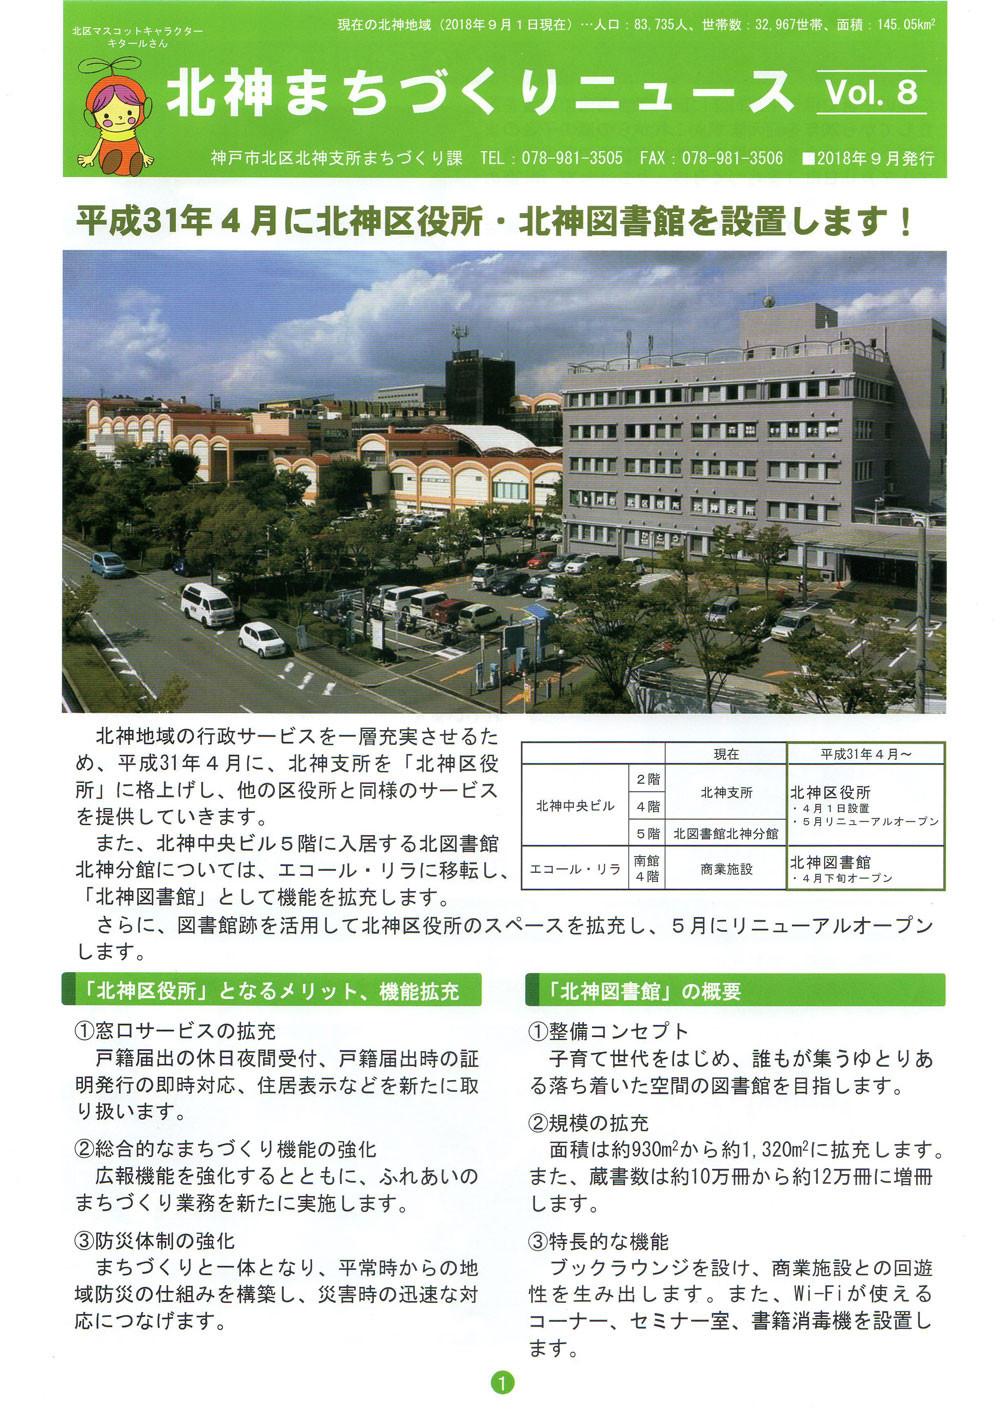 北神まちづくりニュース Vol.8 PDF